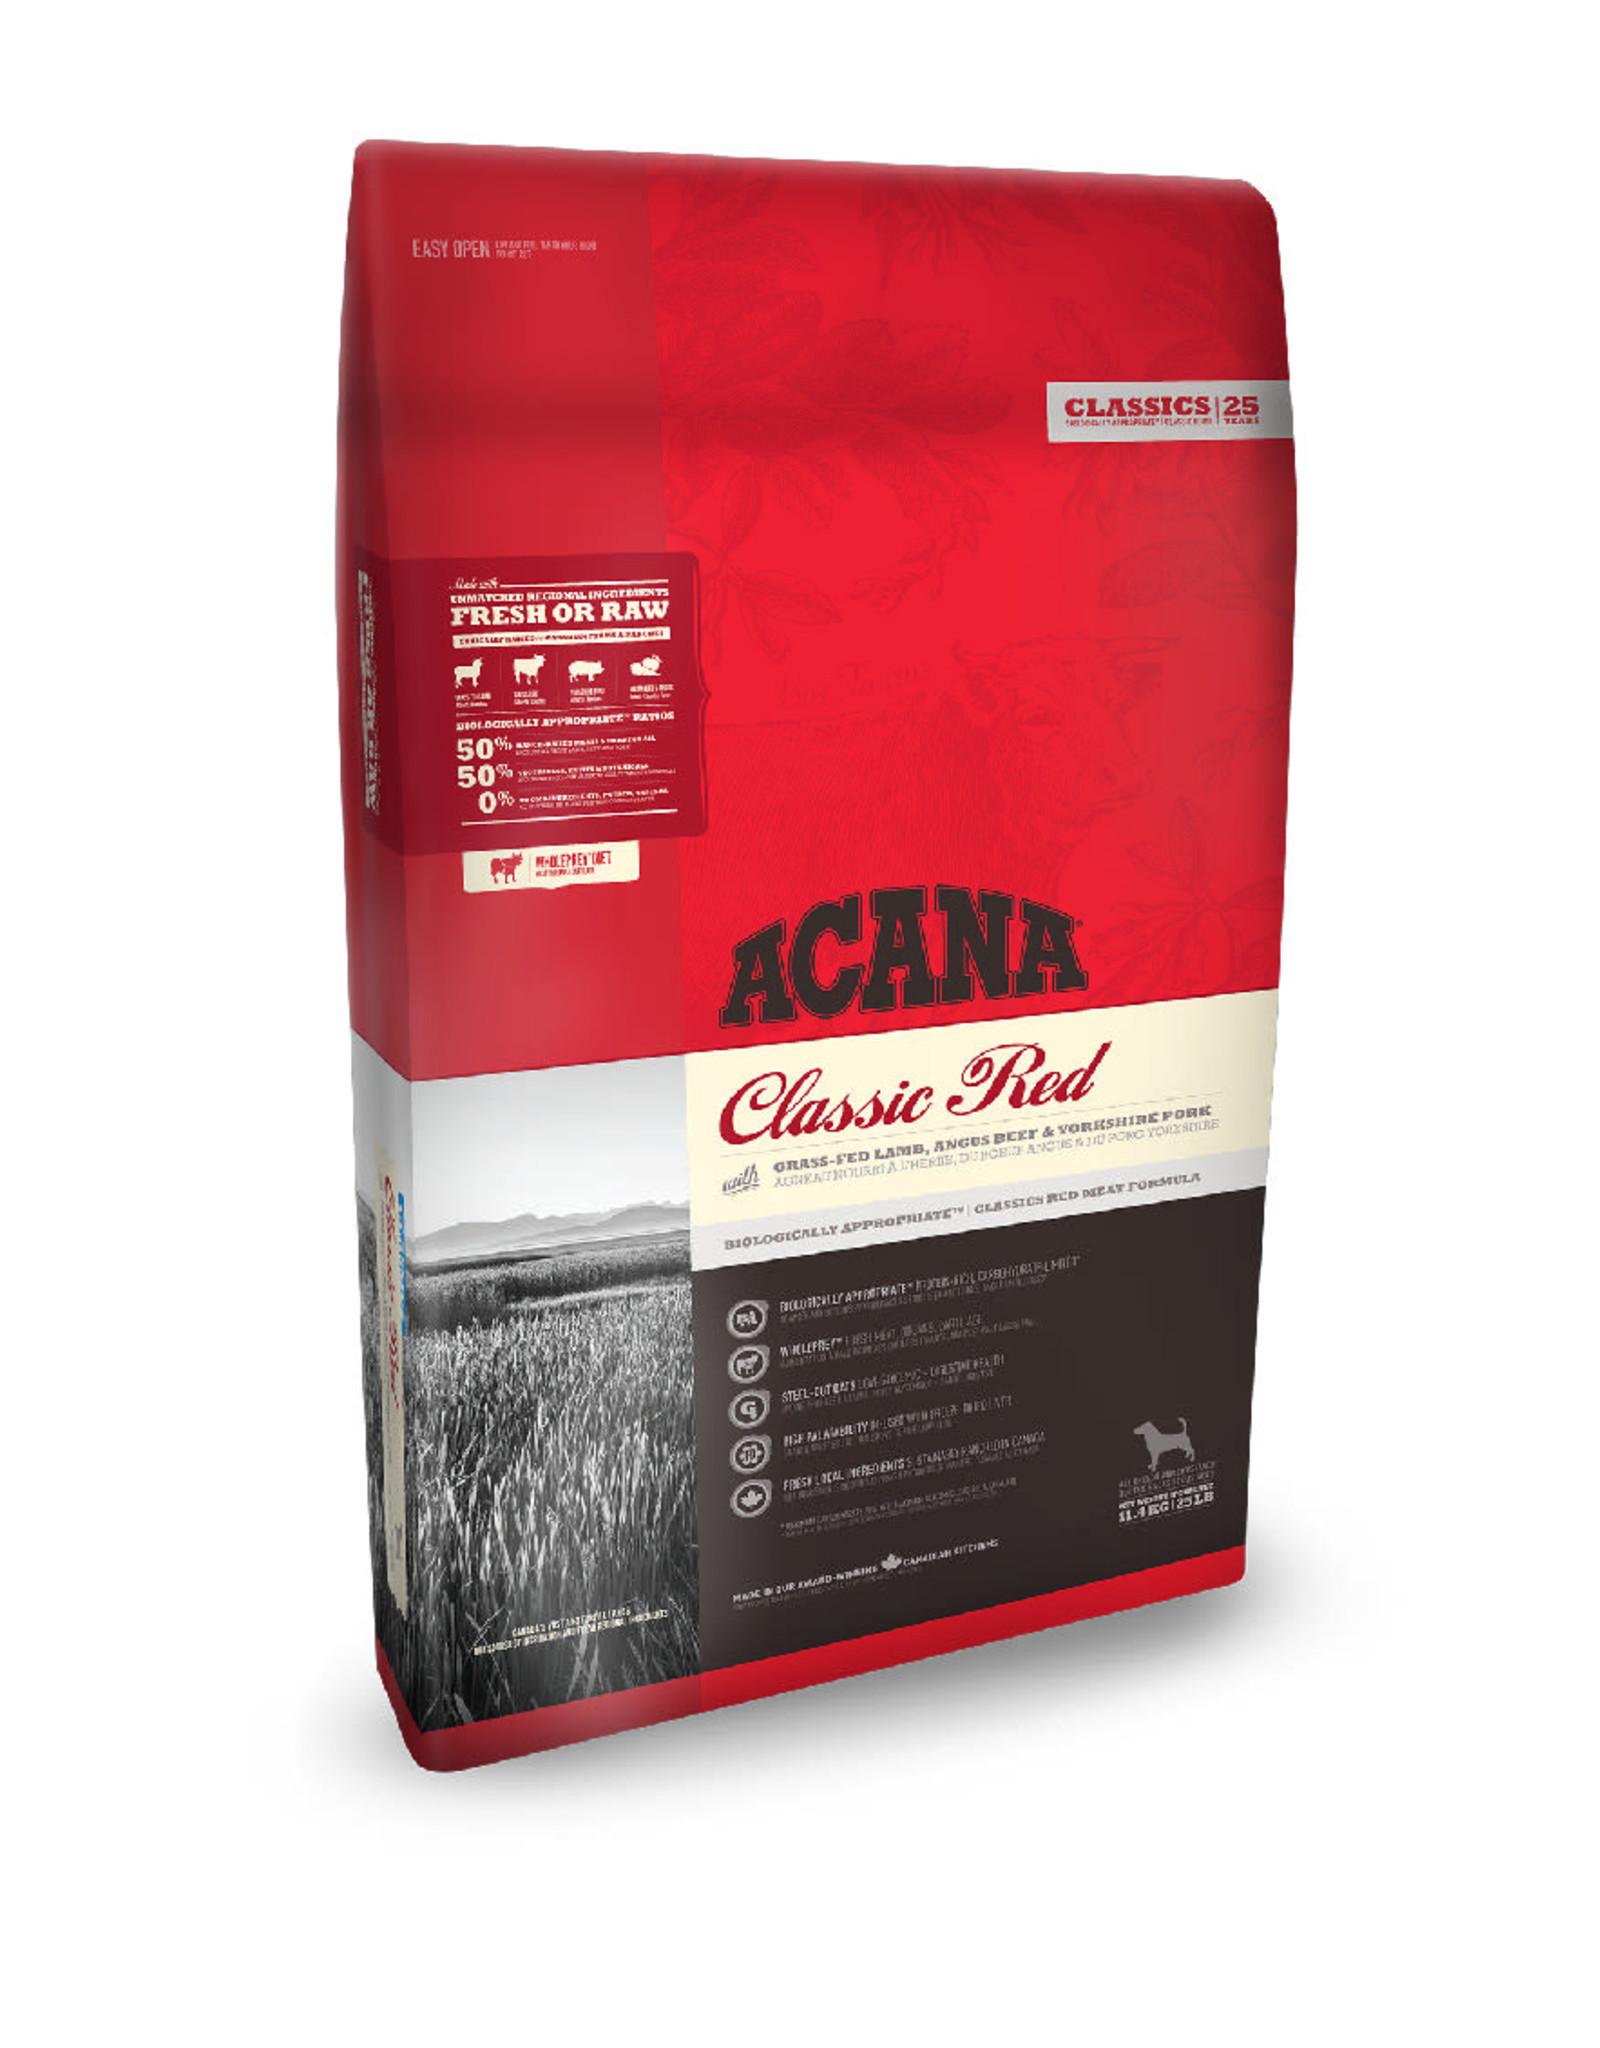 Acana Acana CLASSICS Classic Red 11.4 kg